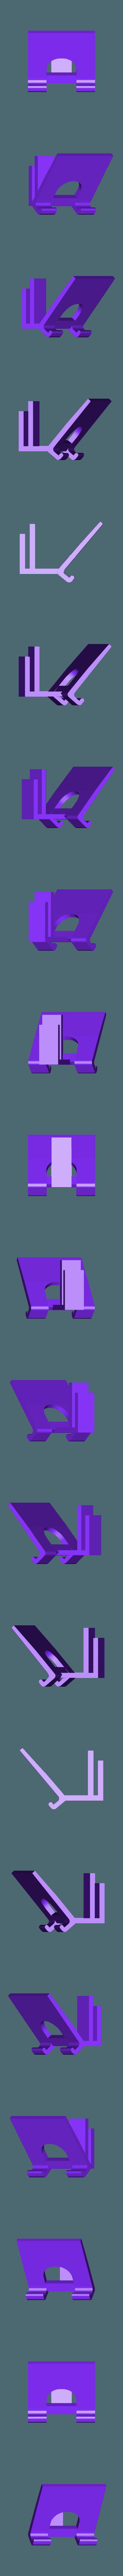 Support telephone bureau V2.stl Download free STL file Phone Support • 3D printable model, BaptisteBldl